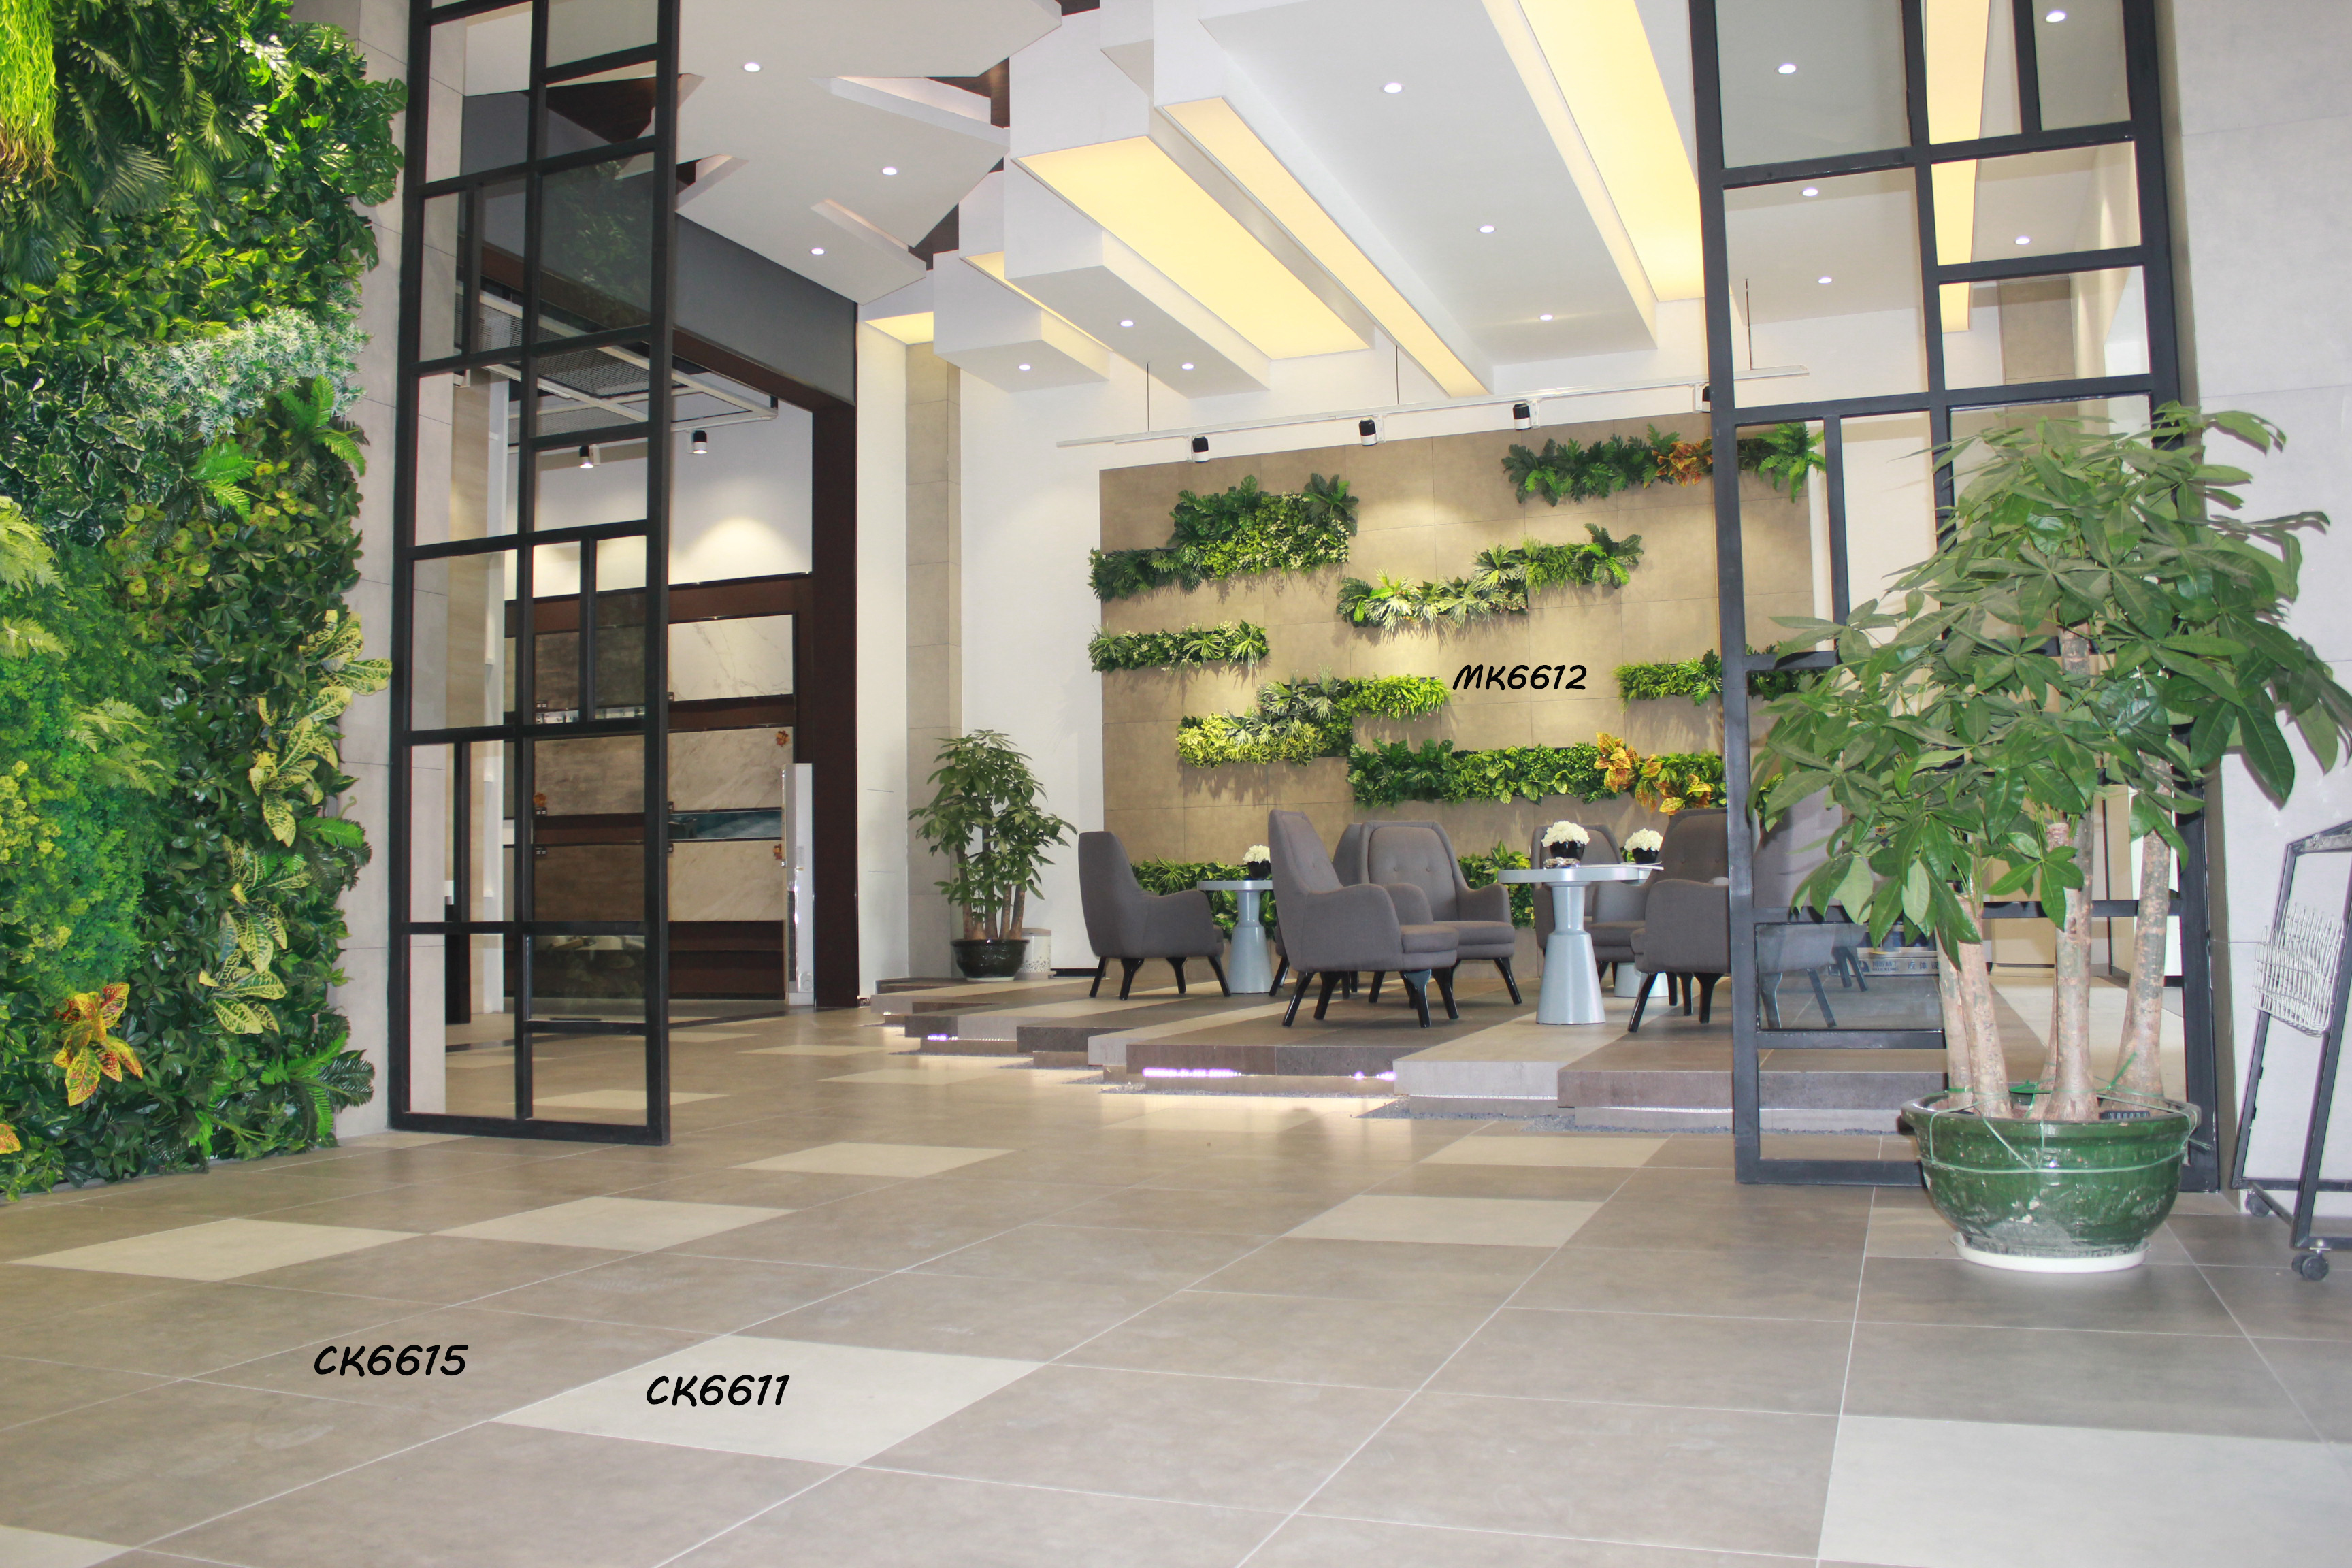 恺瑟格斯陶瓷酒店大厅案列